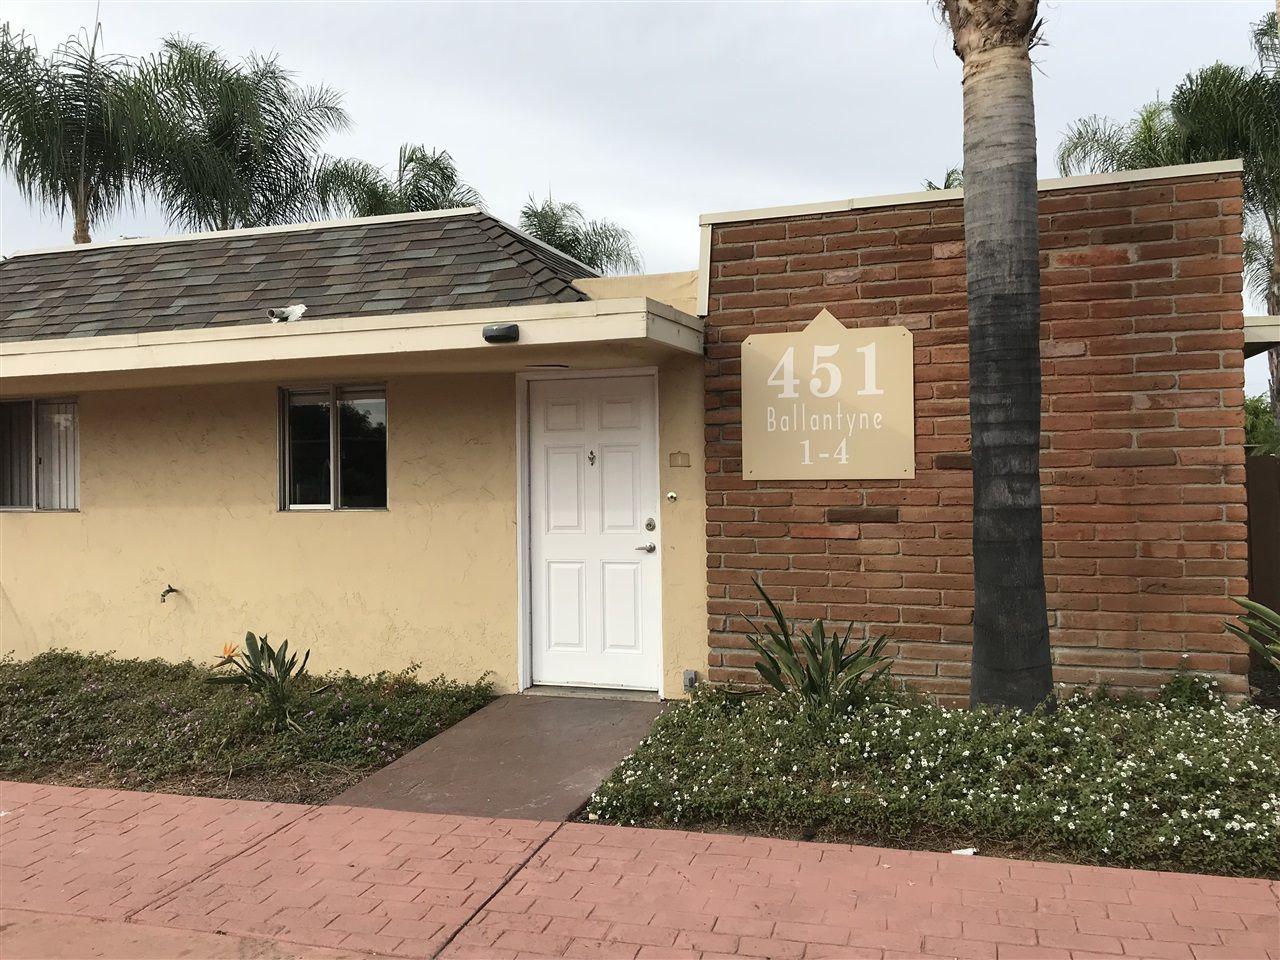 Main Photo: EL CAJON Condo for sale : 1 bedrooms : 451 Ballantyne St #4